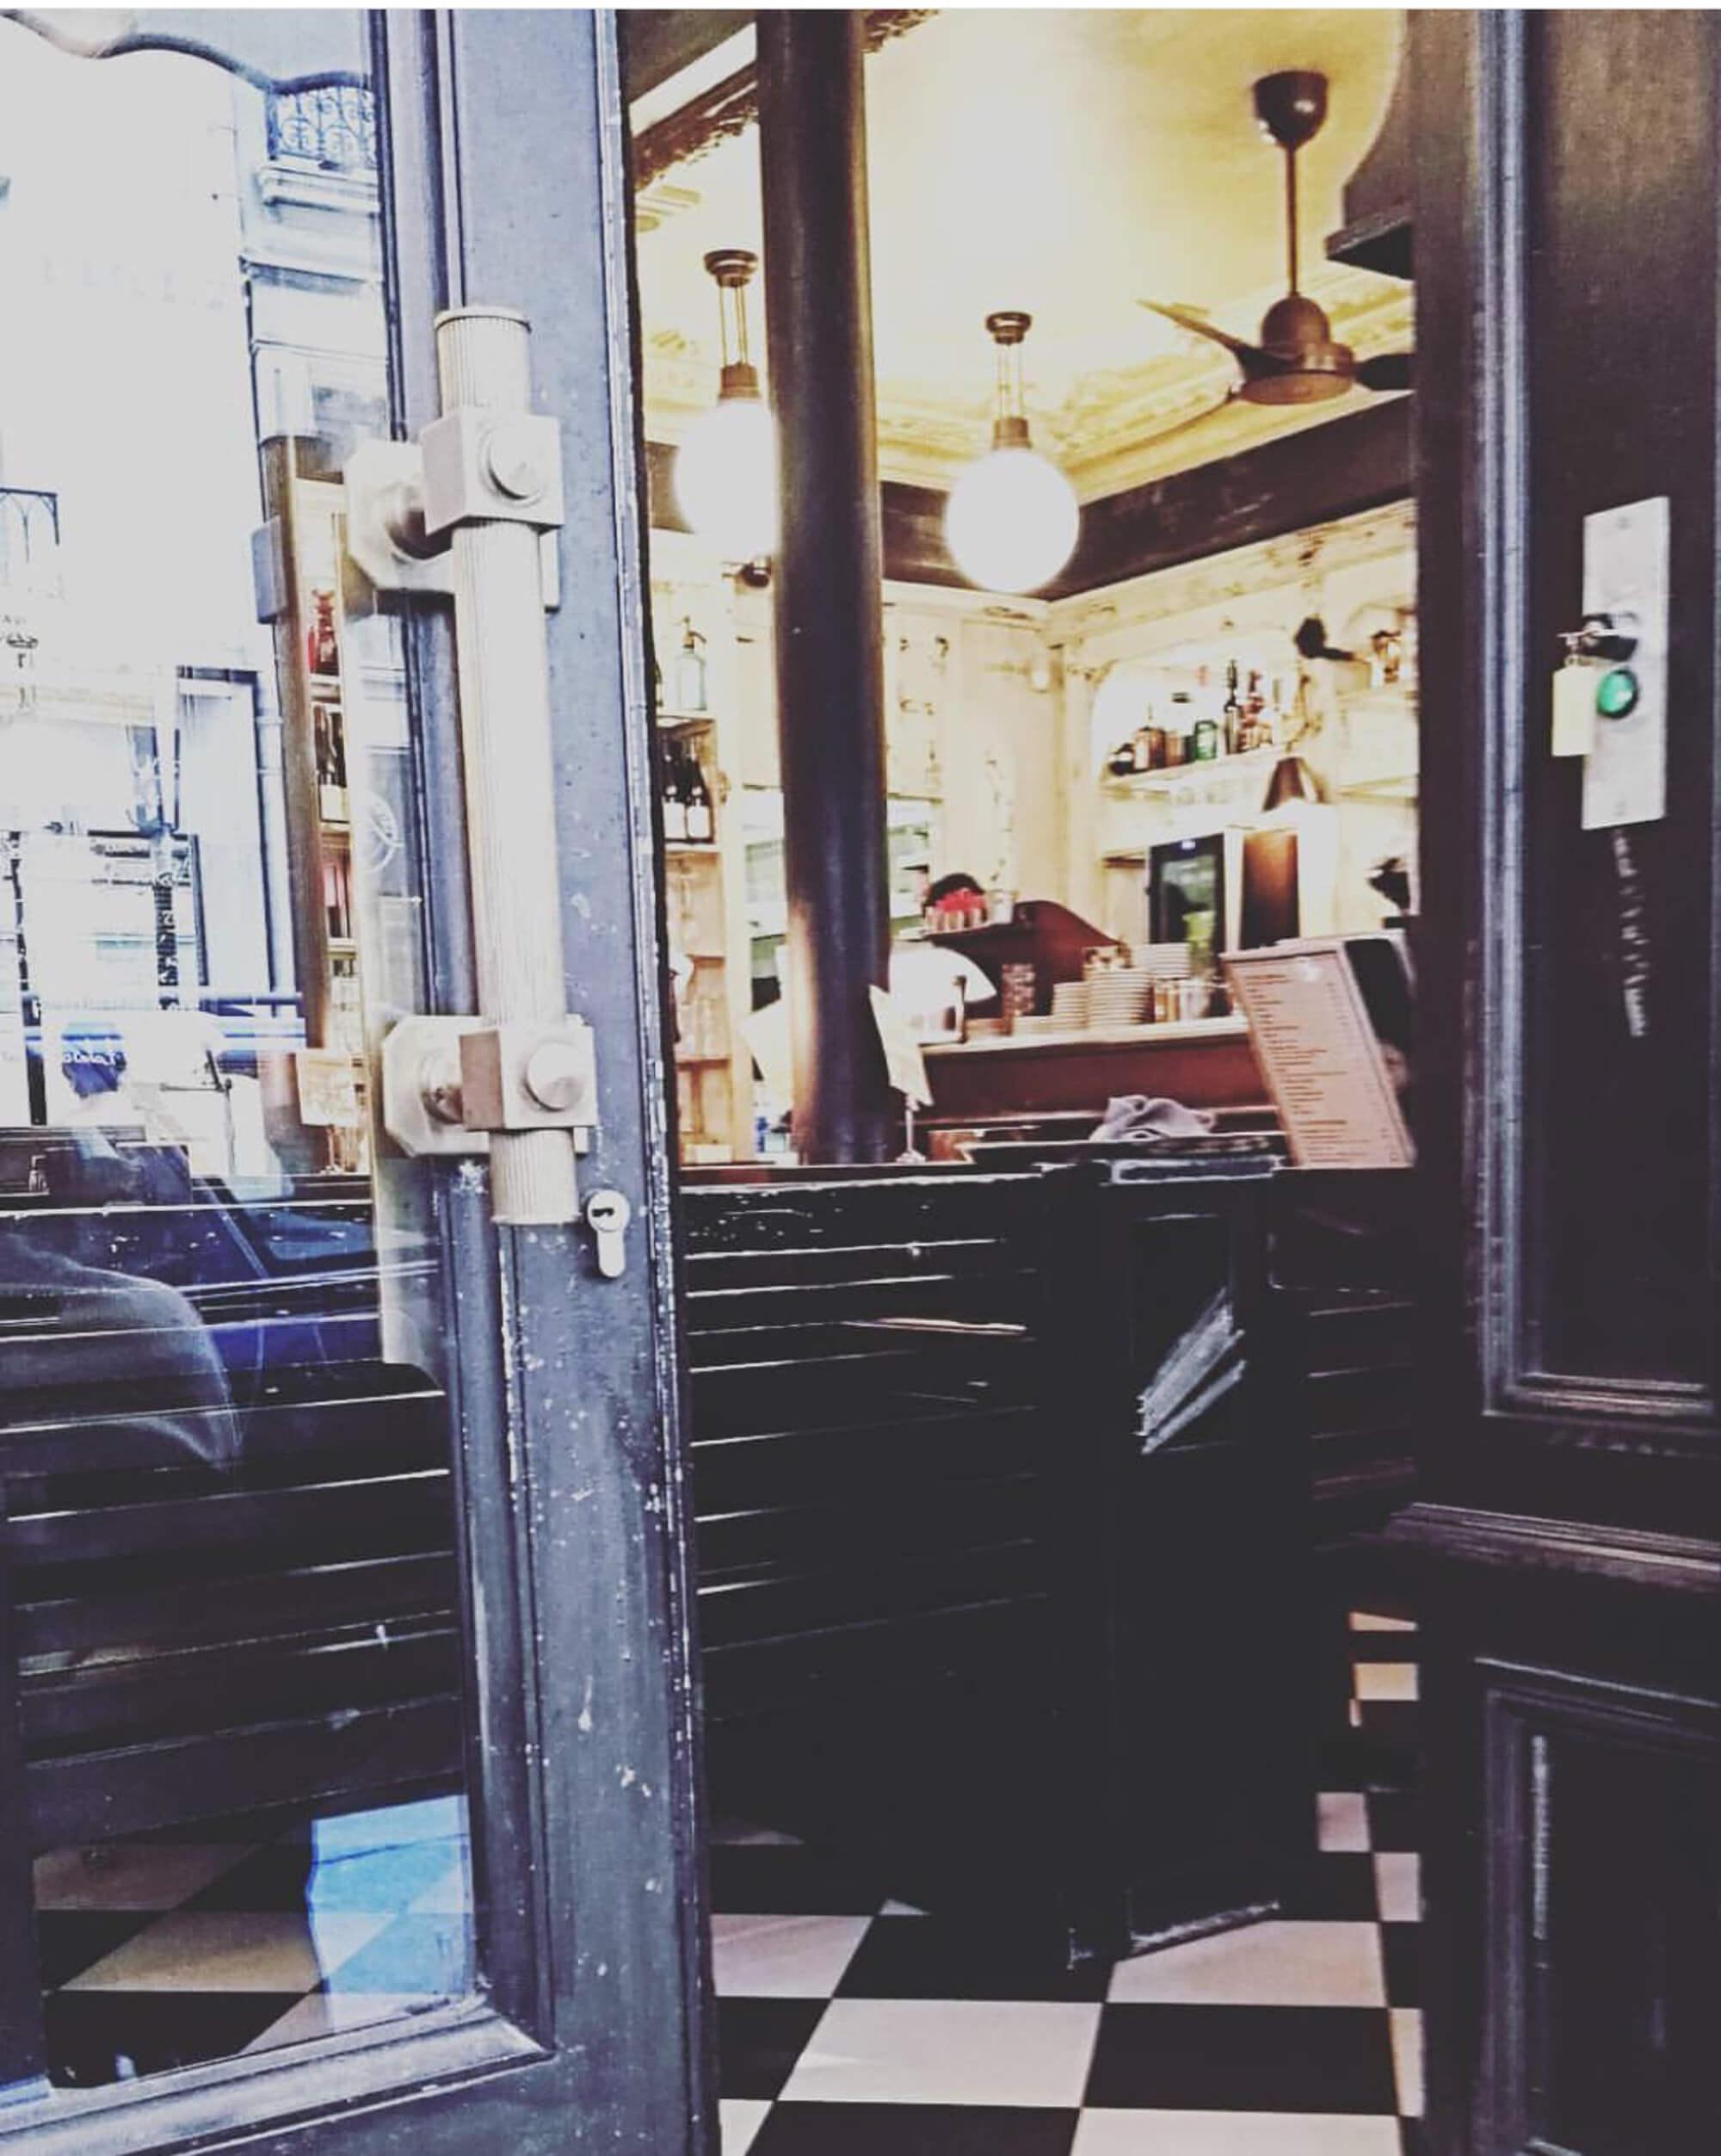 Blick auf und in Eingangstür eines Cafés in Paris.